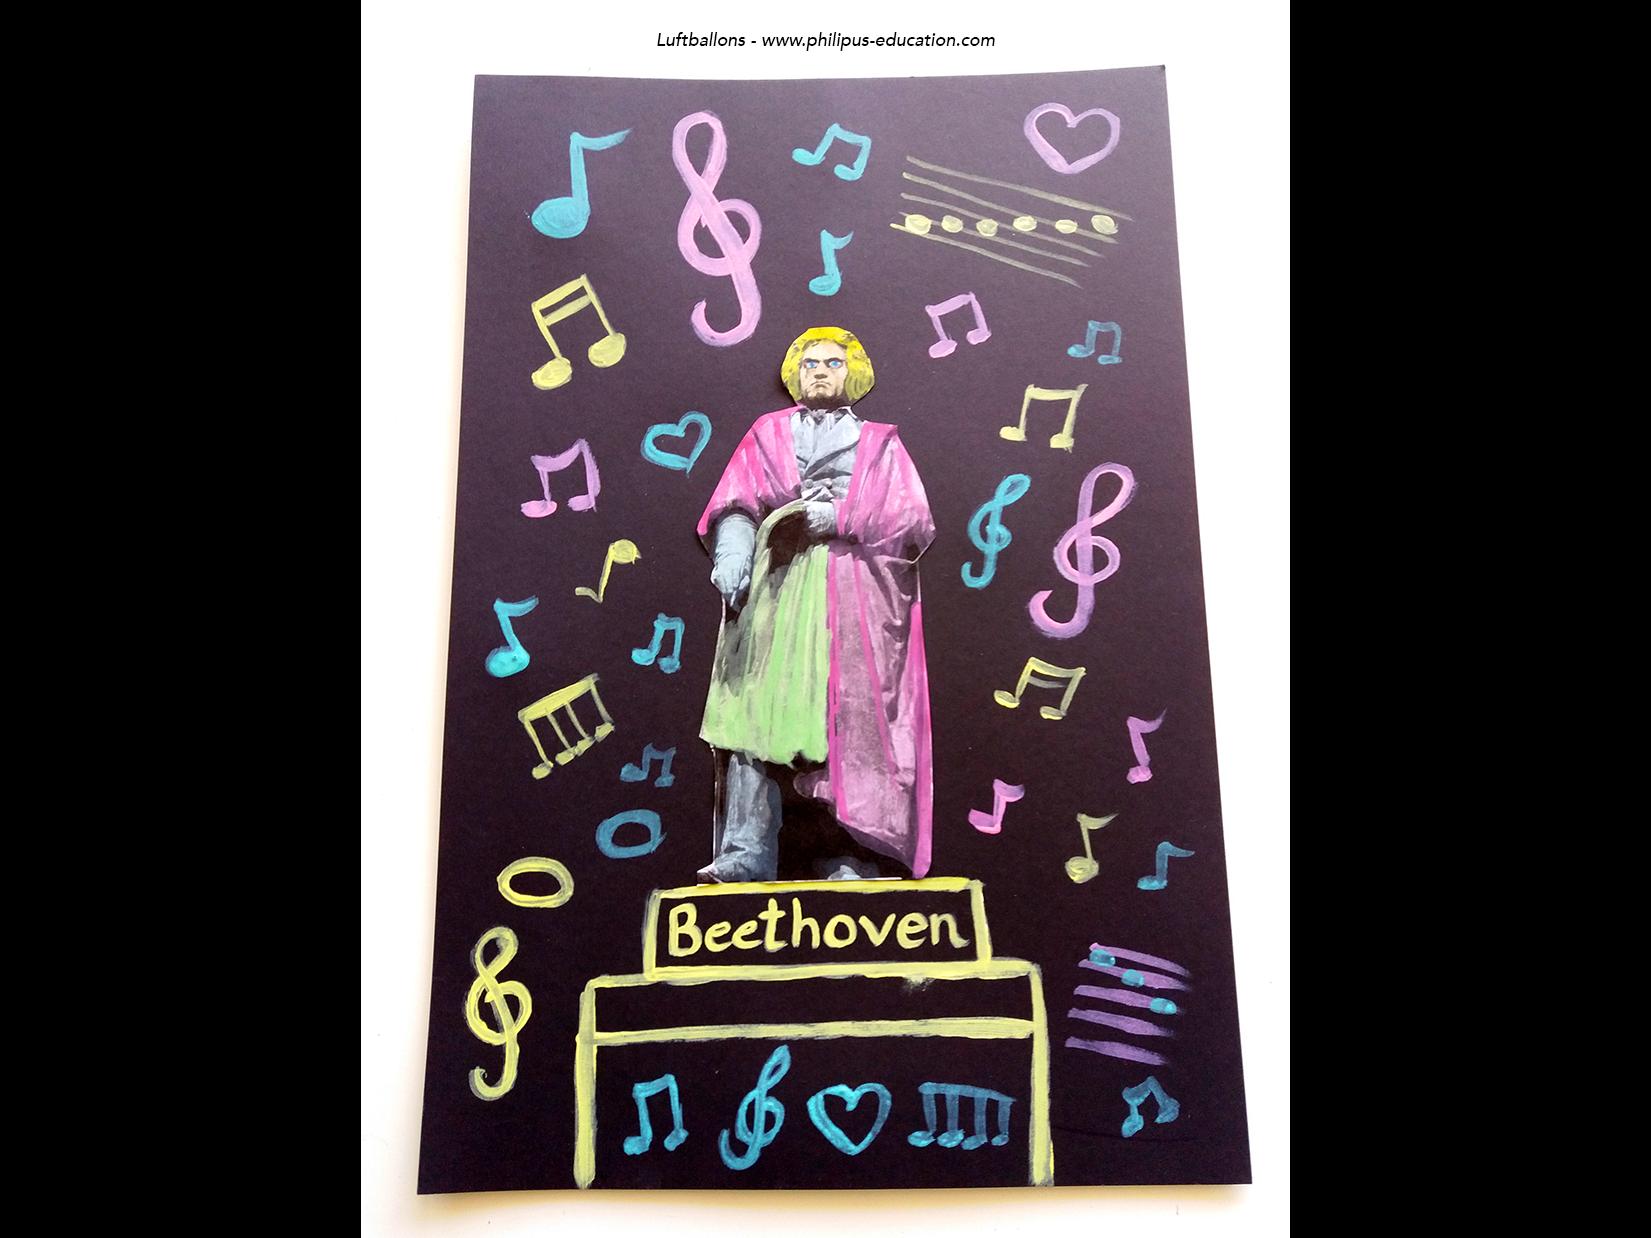 Jetzt werden Deckweiß und viel Farbe gebraucht. Zunächst den Sockel mit Beethovens Namen gestalten und dann in bunten Pastellfarben den Hintergrund mit Noten und Notenschlüsseln verzieren - fertig ist der Pop-Art Beethoven!